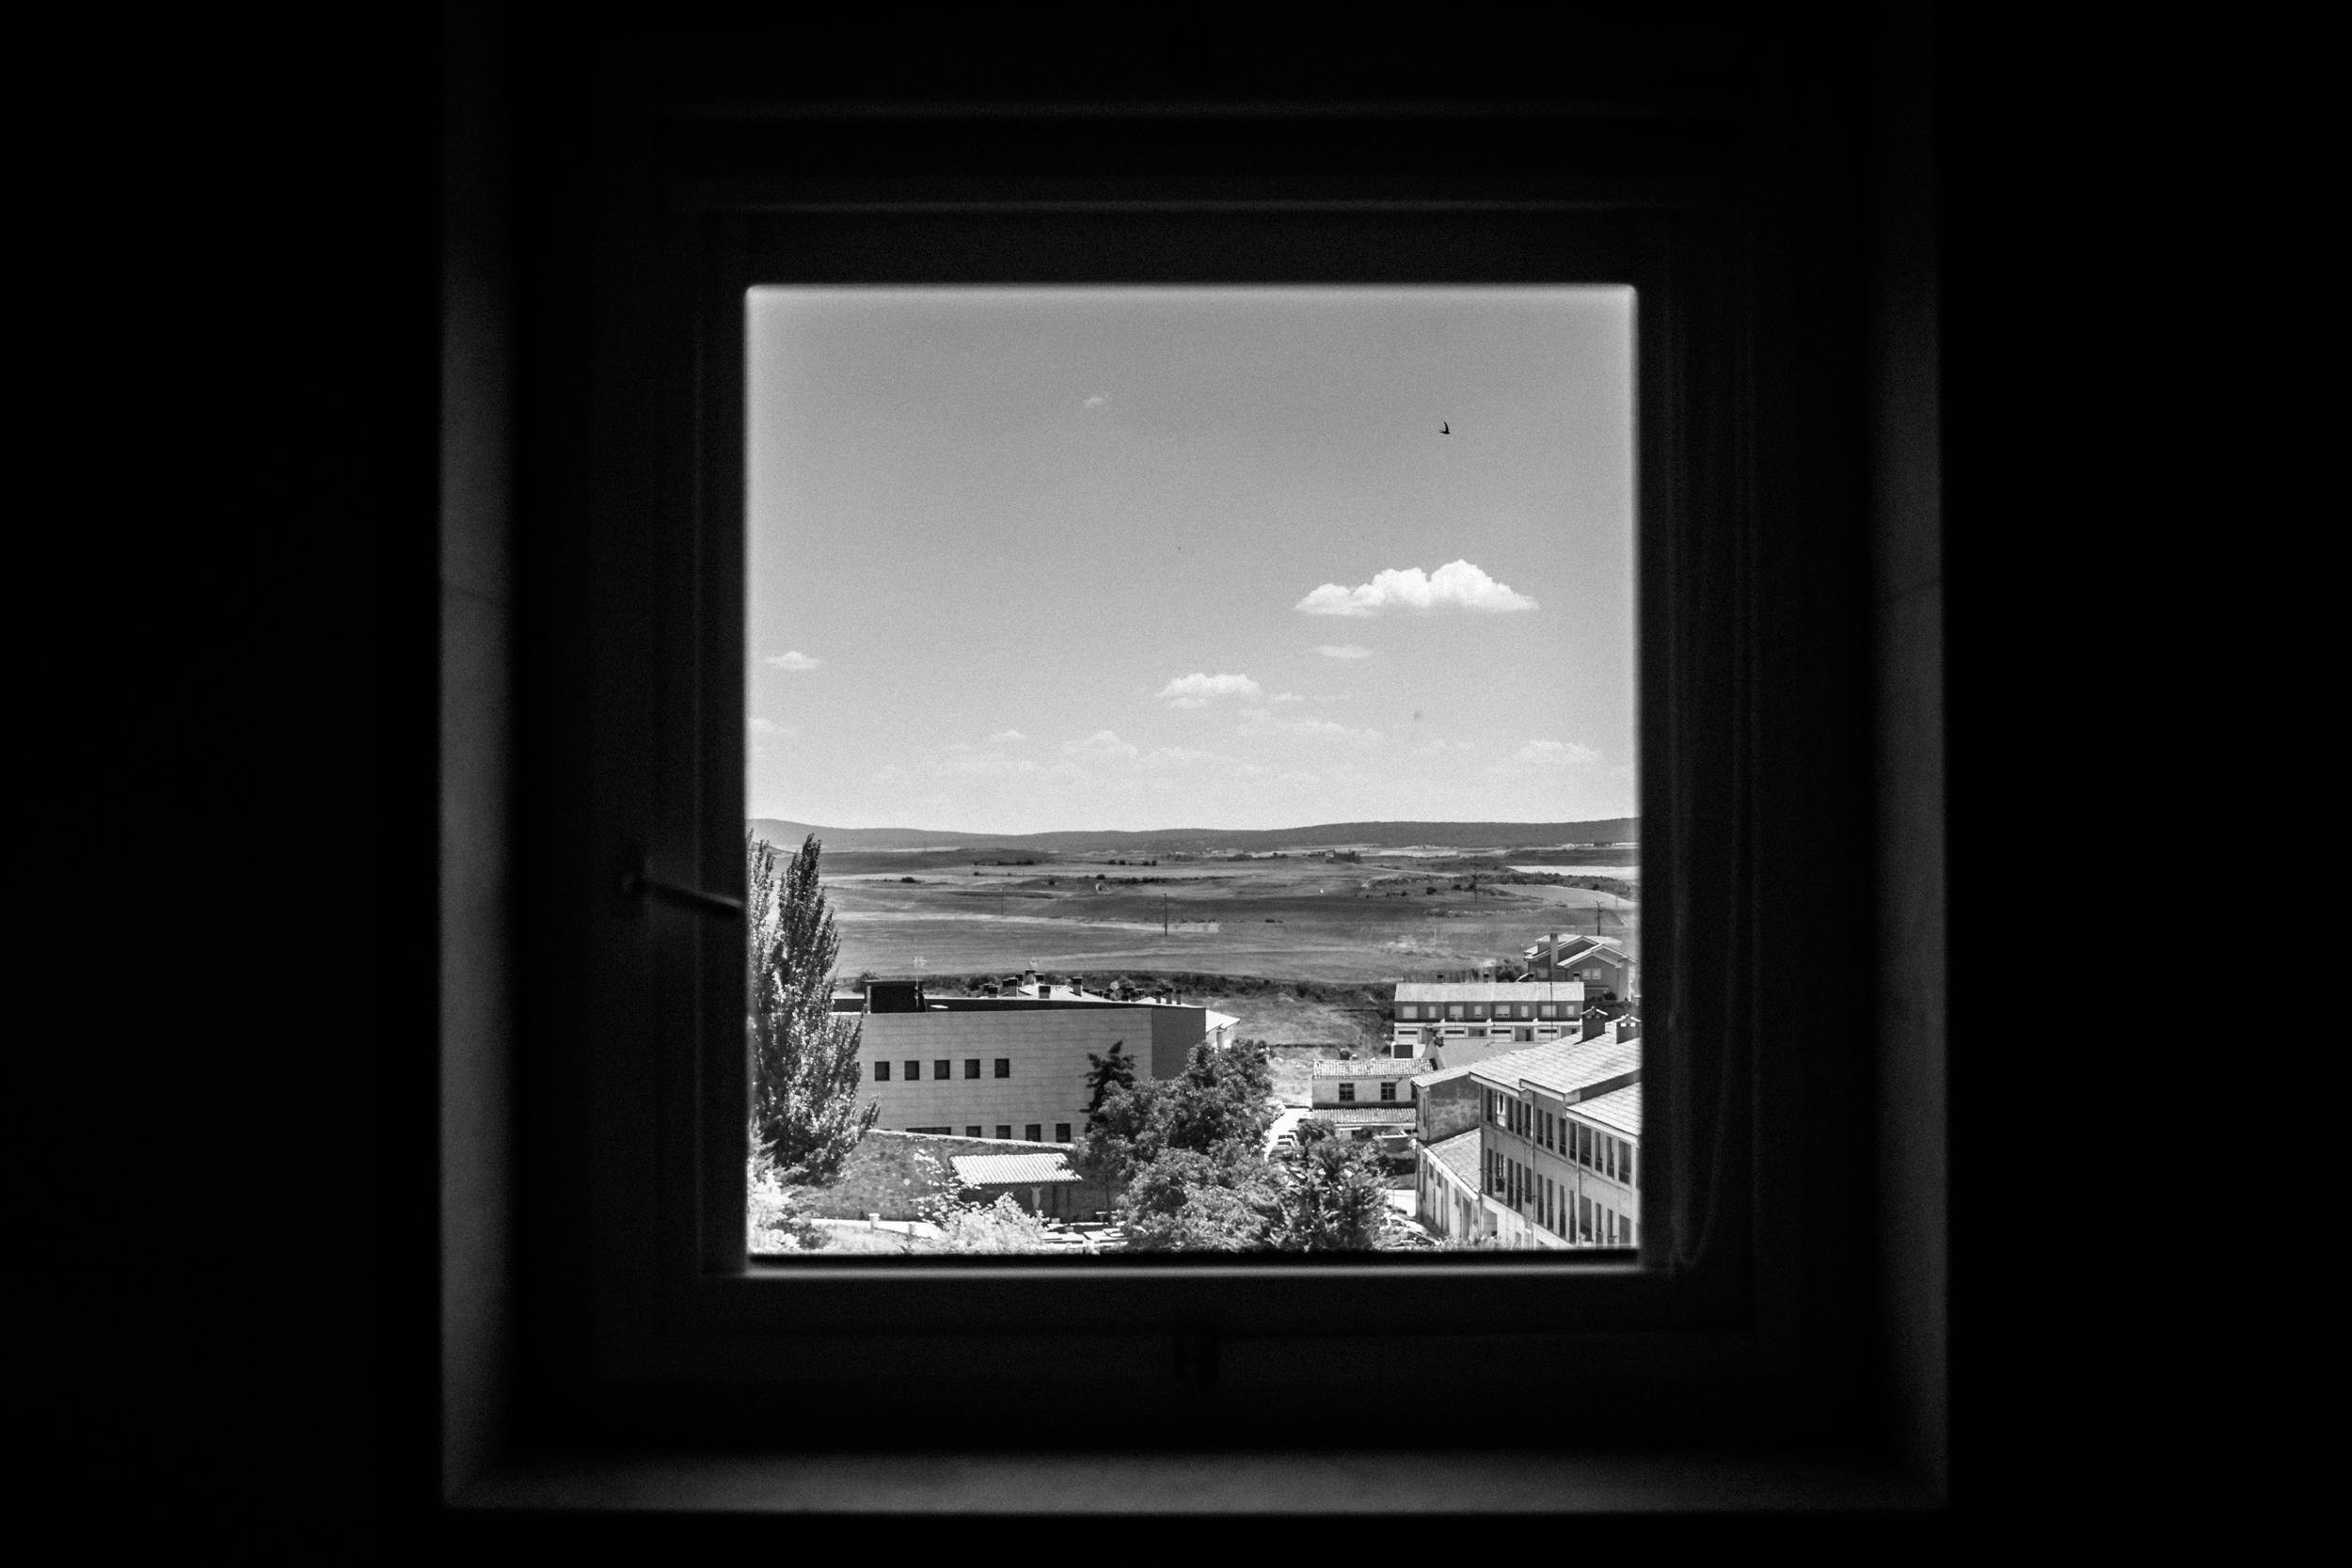 Hotel view, Lerma, Spain